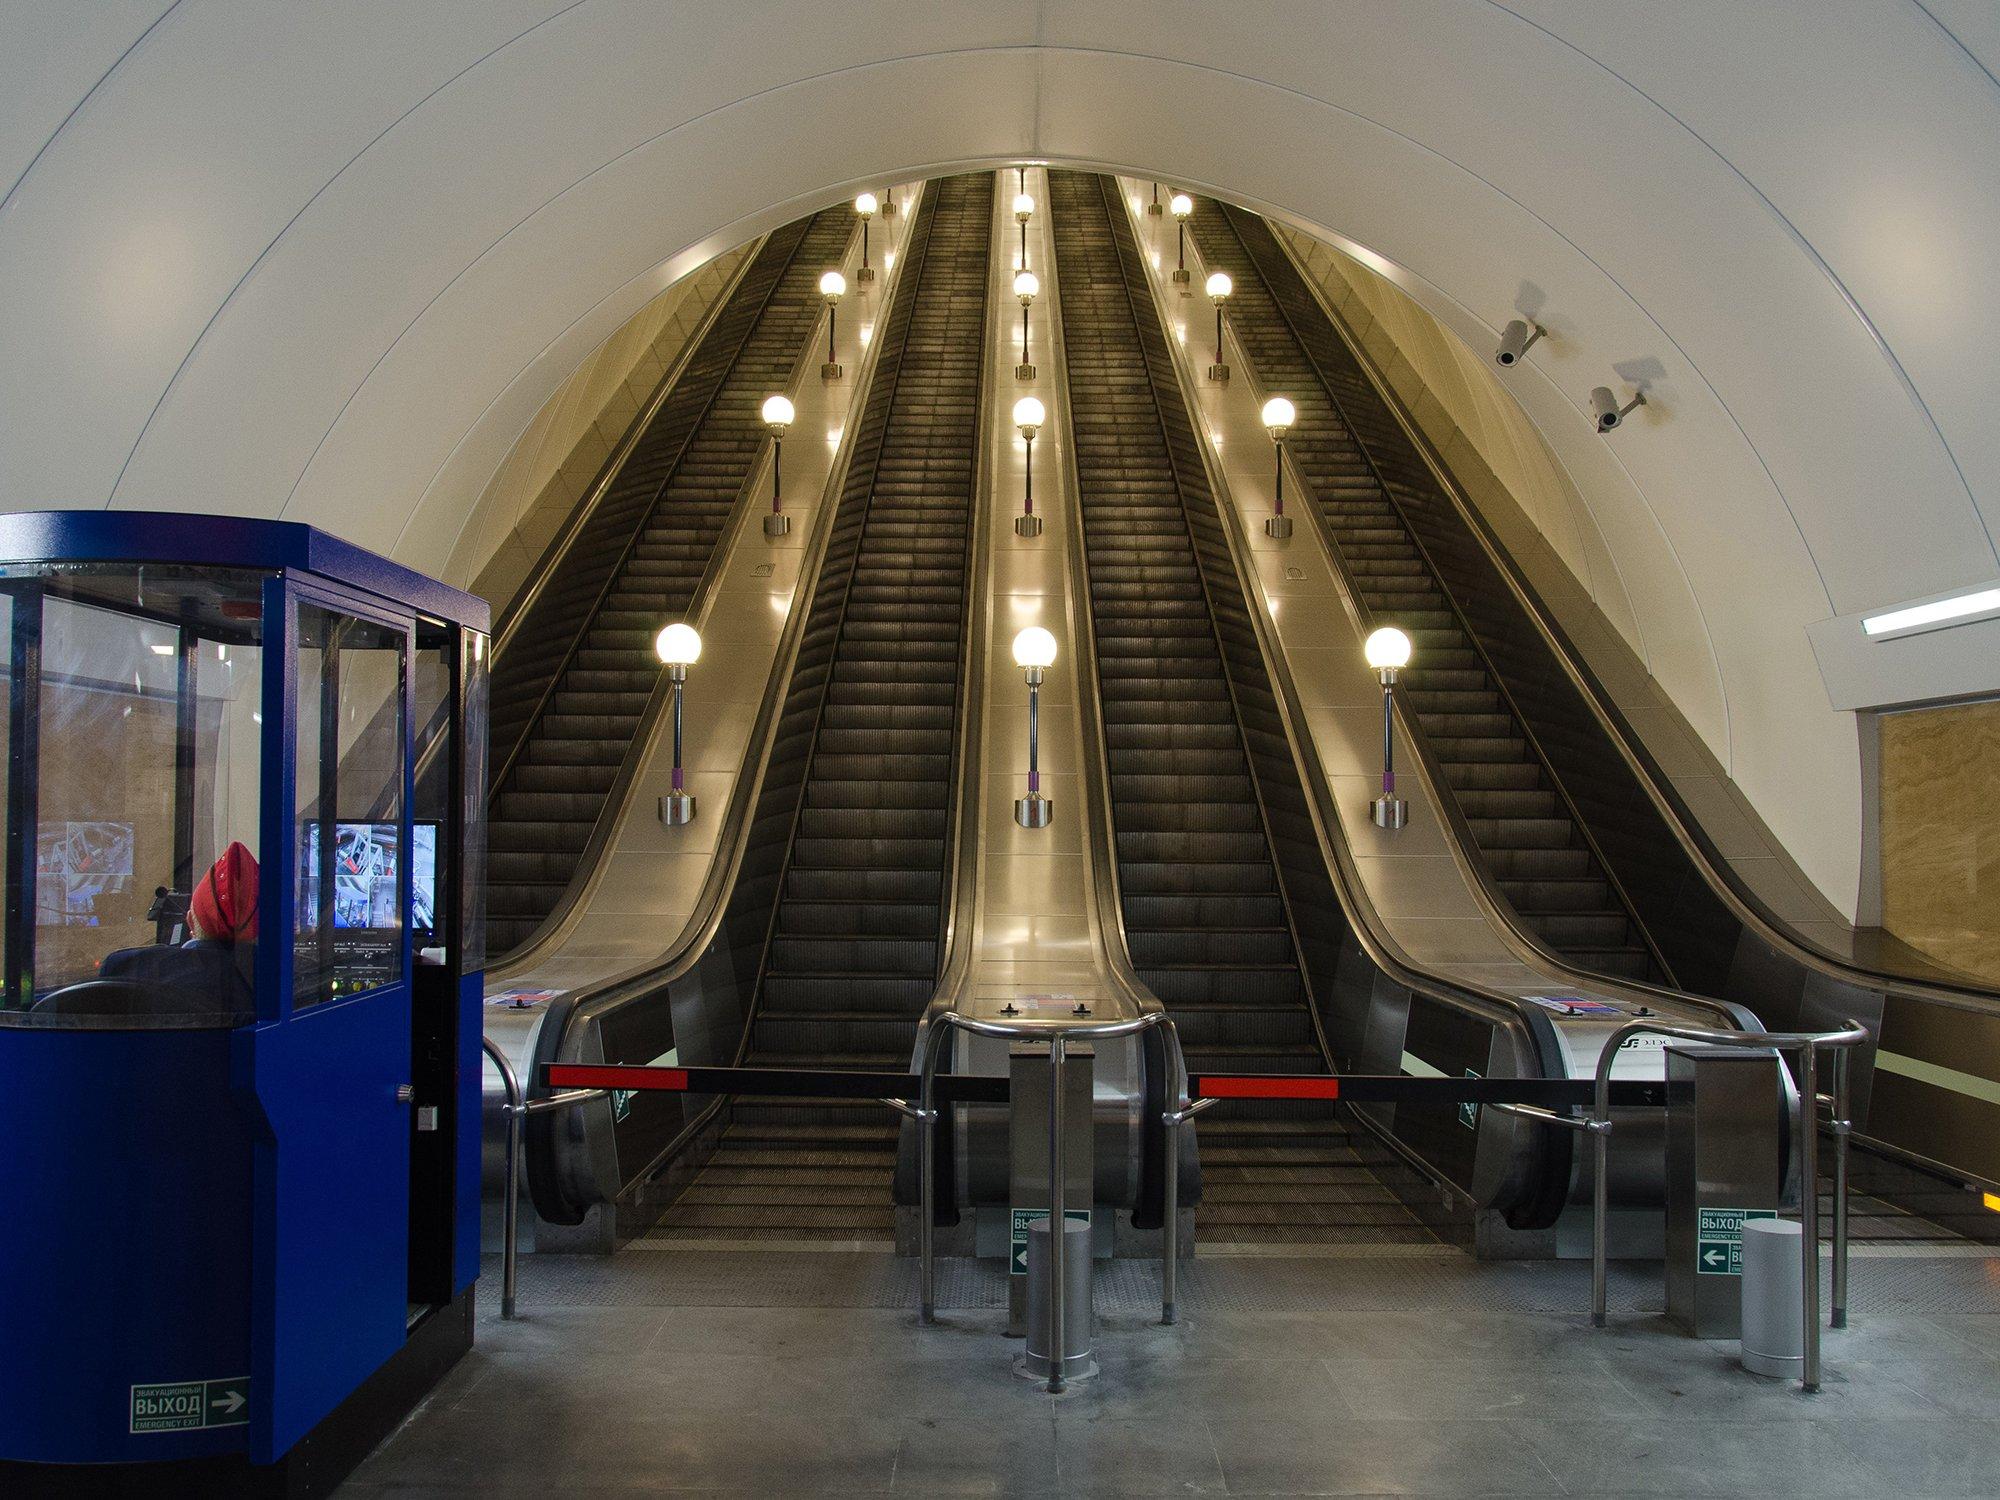 В Москве закроют 20 вестибюлей станций метро из-за коронавируса